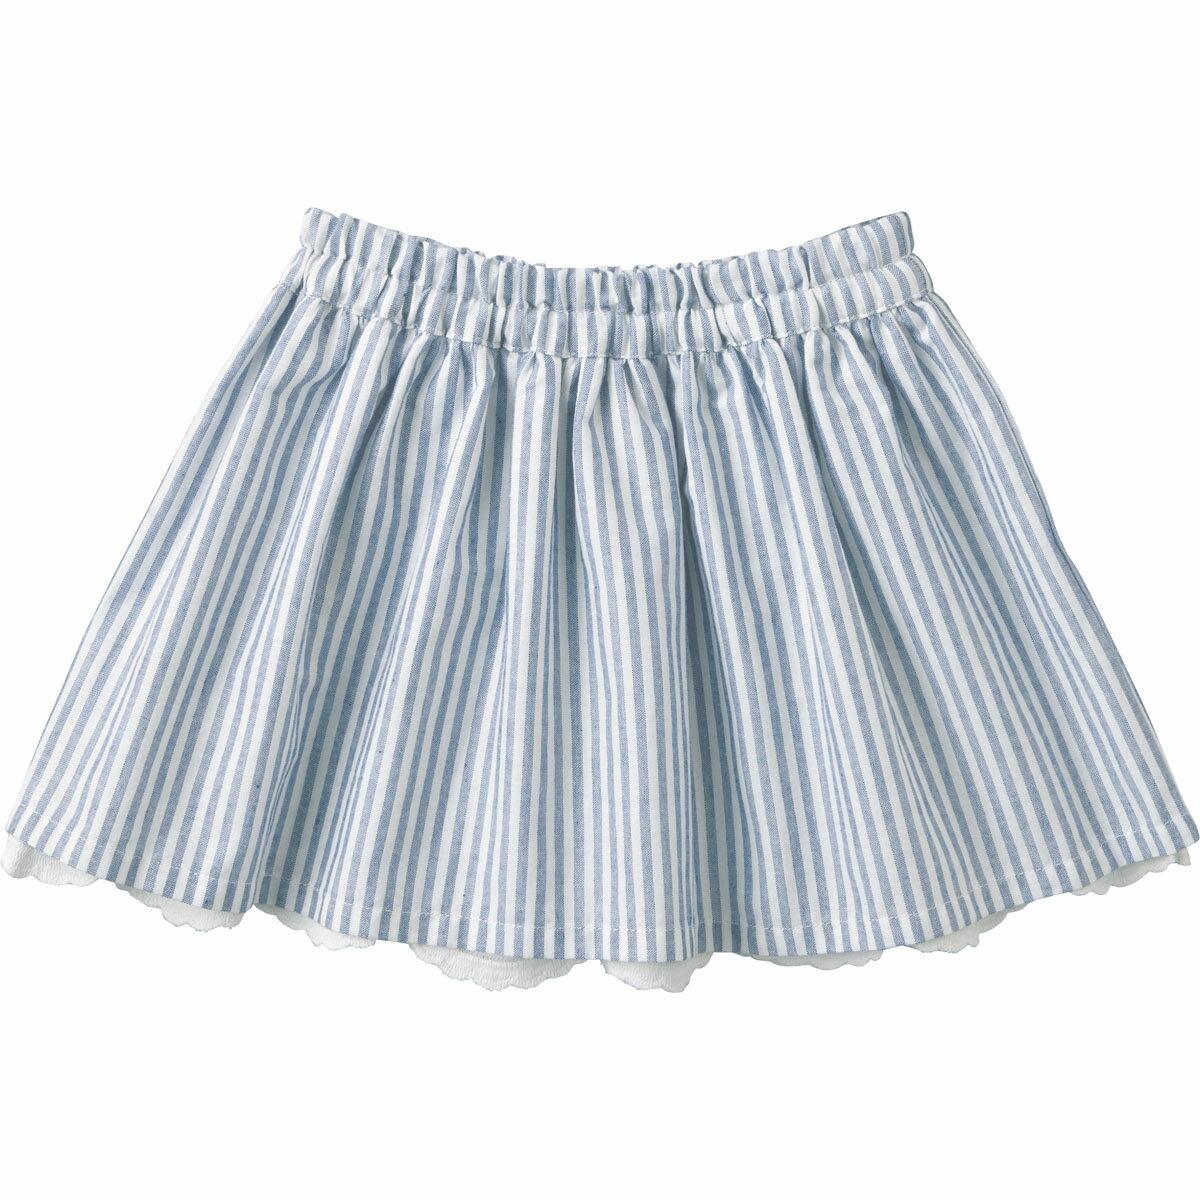 【39%OFF】リバーシブル スカート《コンビミニ》ギフト ベビー服 子供服 Combi mini 女の子 ボトムス_gp 女の子 スカート_Pup